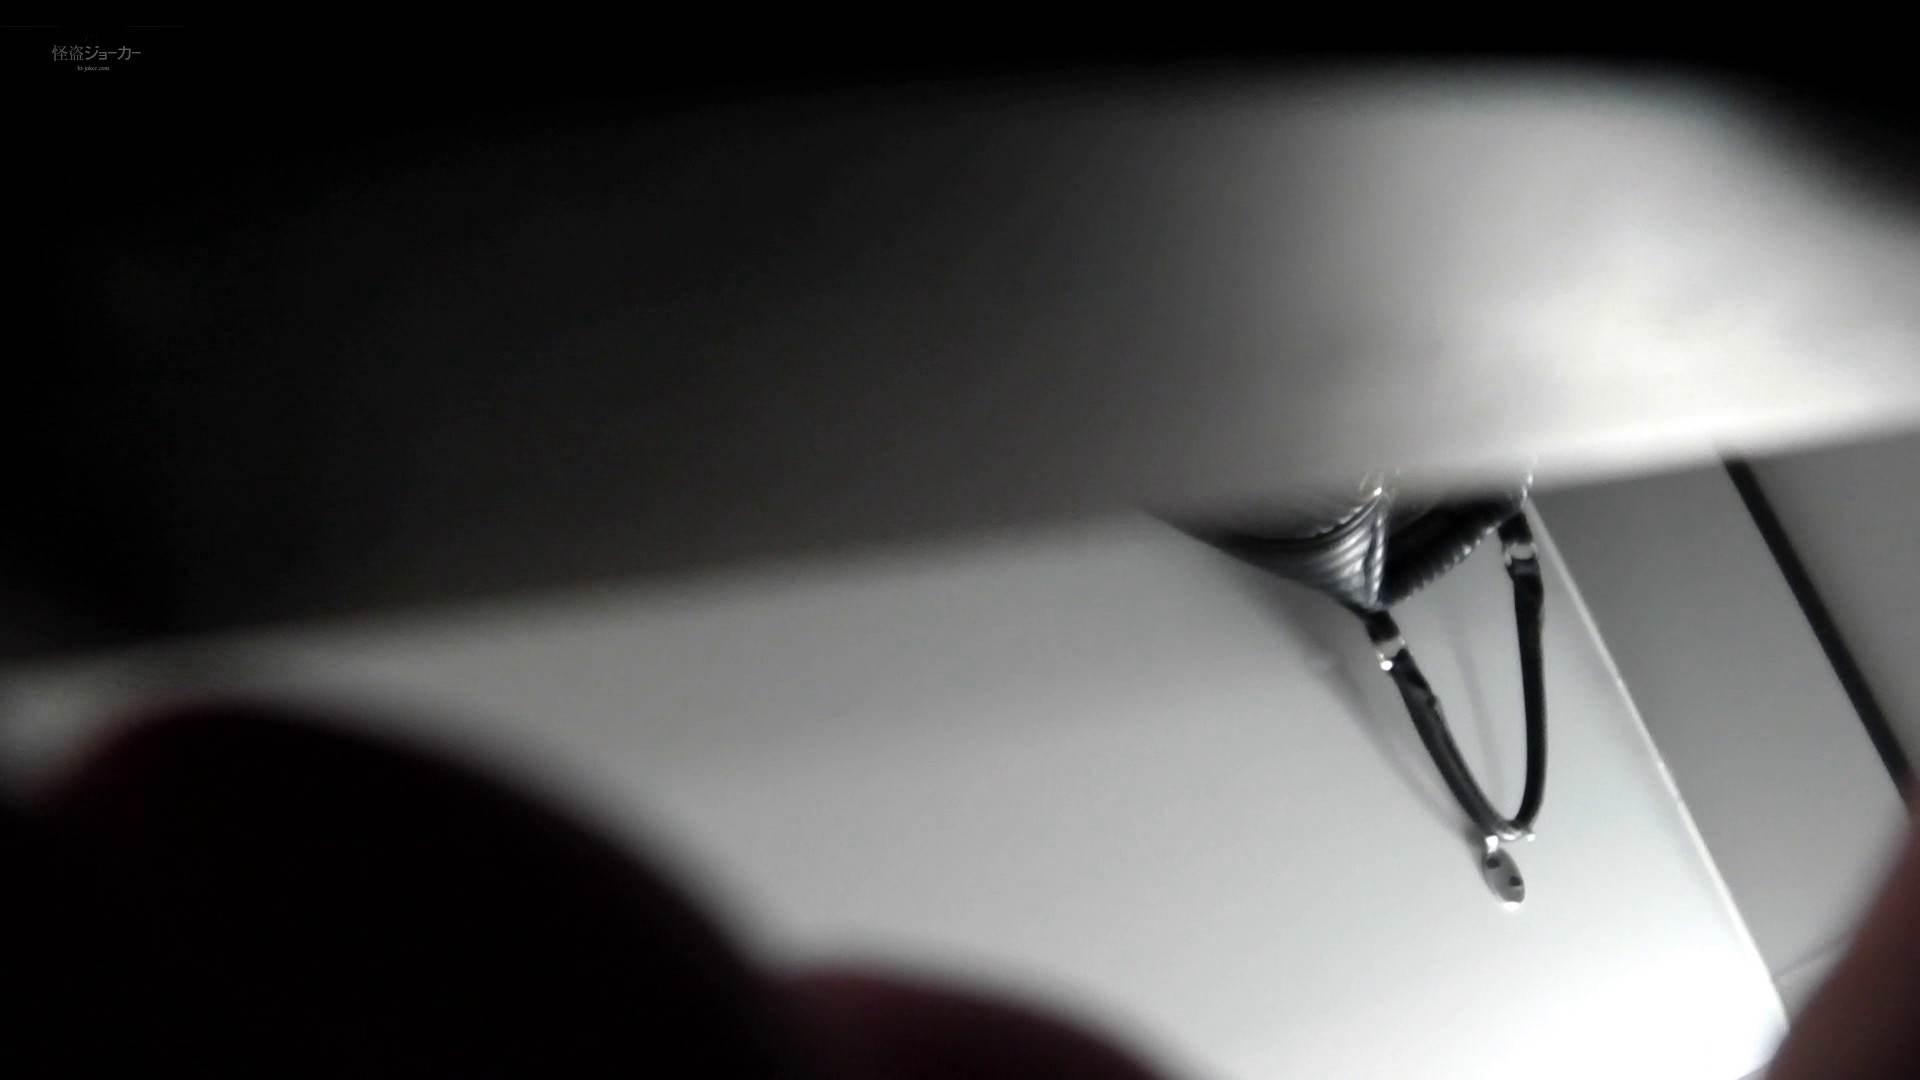 お銀さん vol.59 ピンチ!!「鏡の前で祈る女性」にばれる危機 ギャル攻め オマンコ無修正動画無料 56画像 9